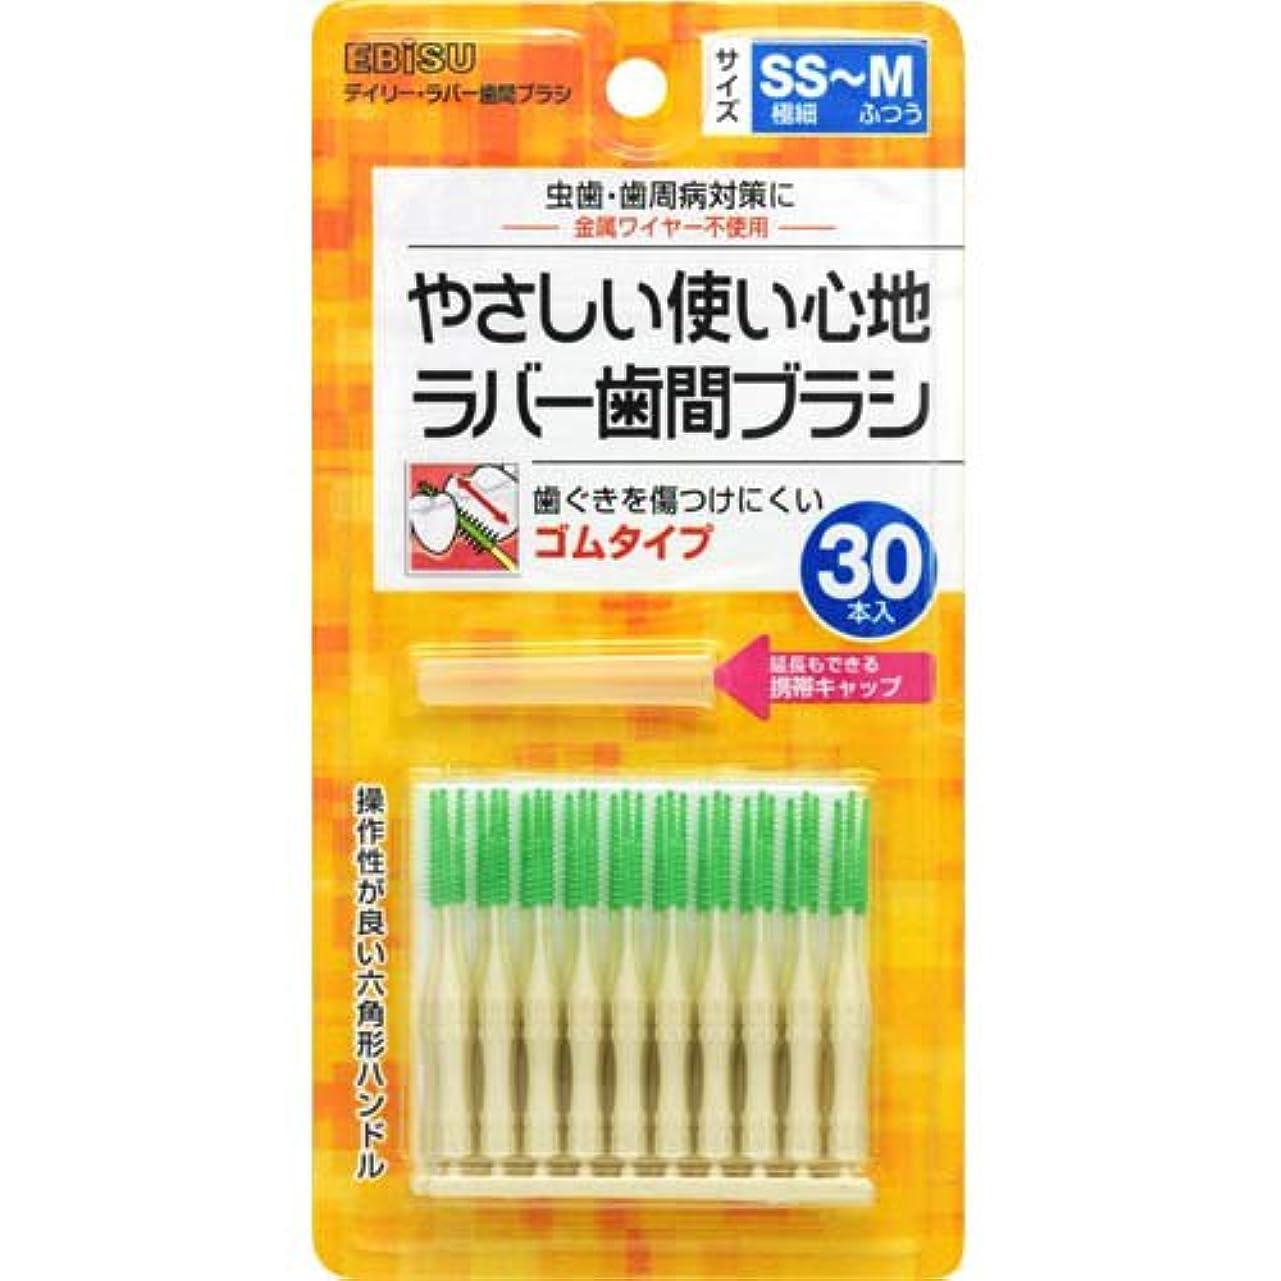 気分まで触覚デイリーラバー歯間ブラシ SS-M 30本入